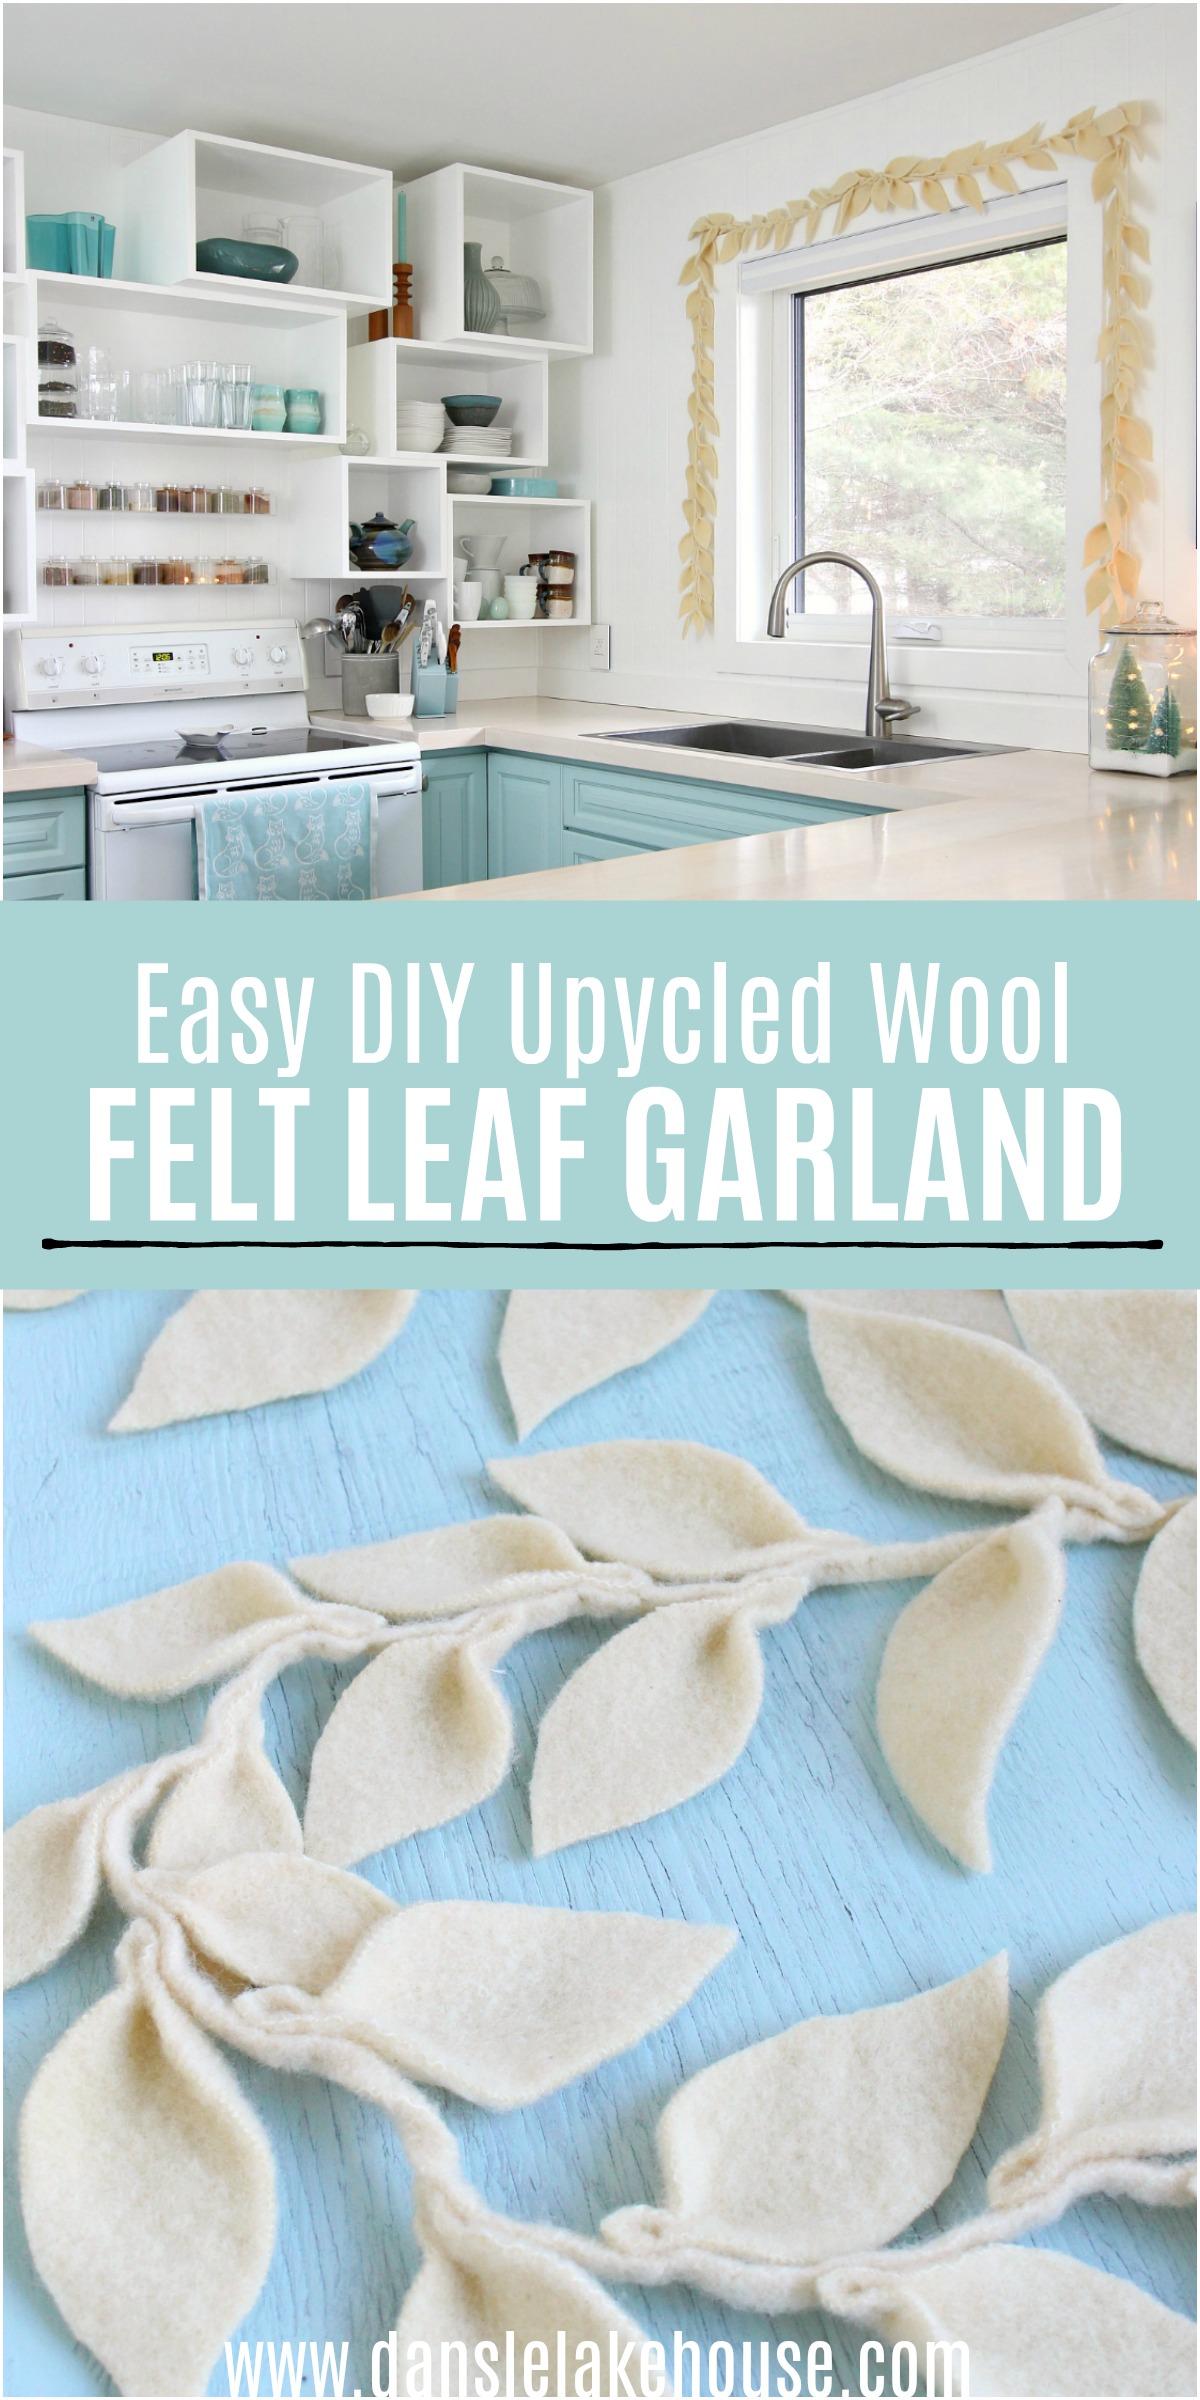 Upcycled Wool DIY Felt Leaf Garland